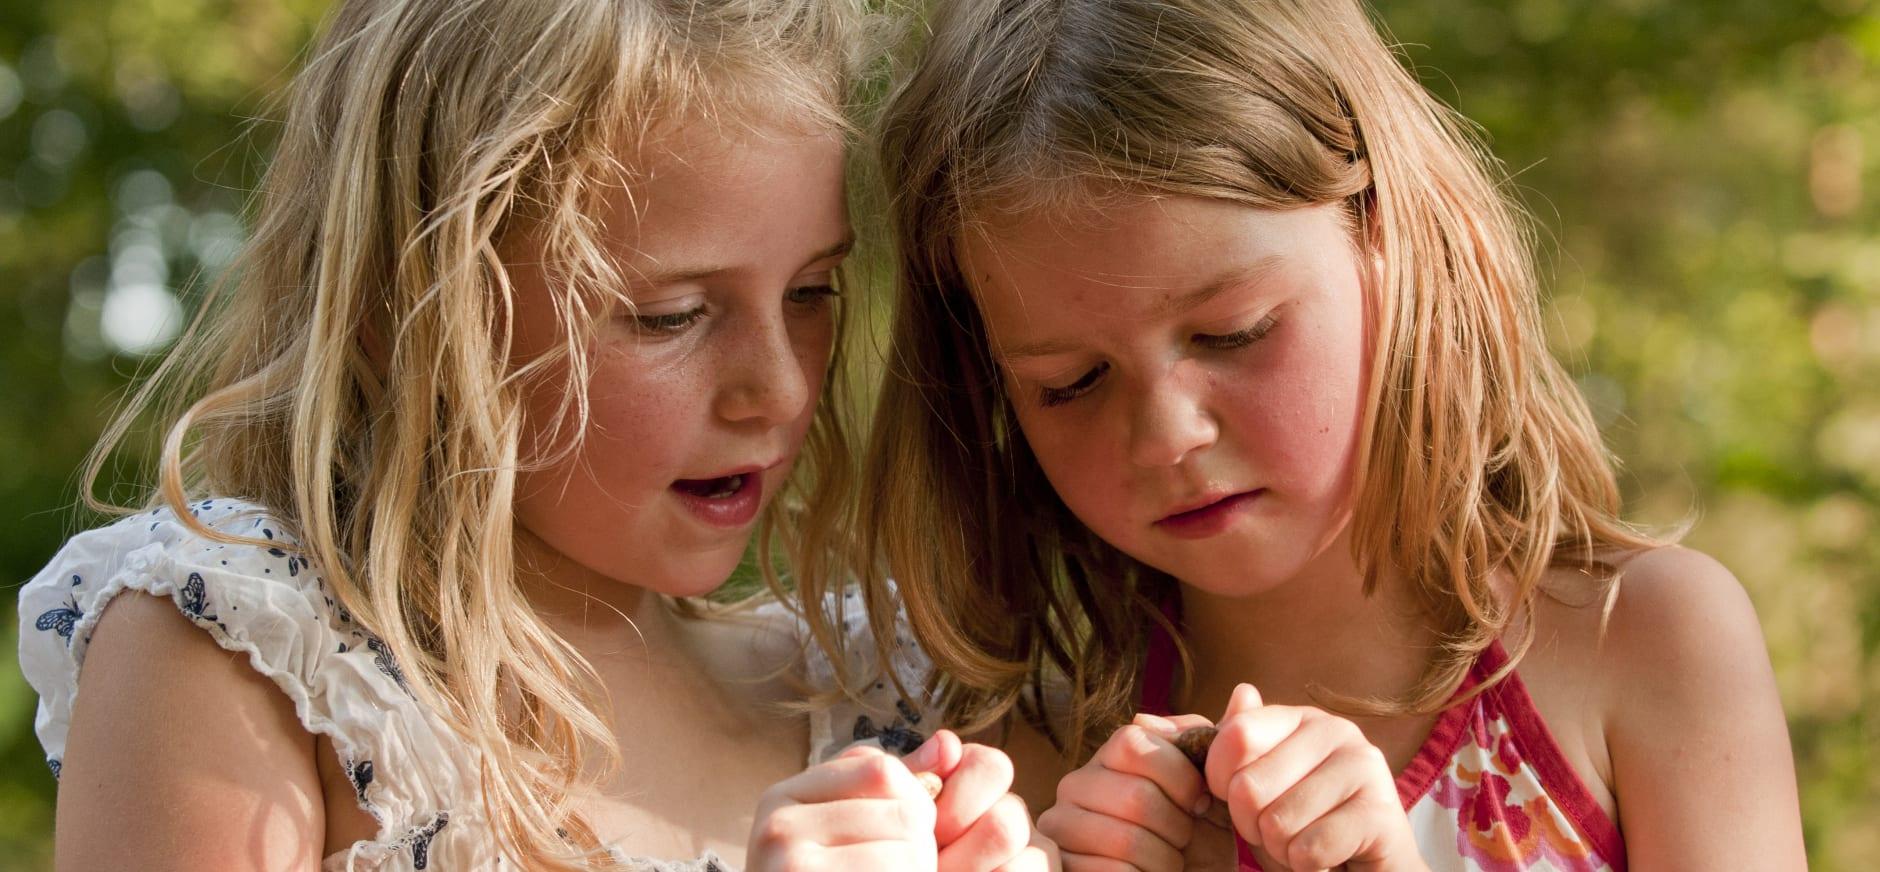 meisjes beeldbank zomer